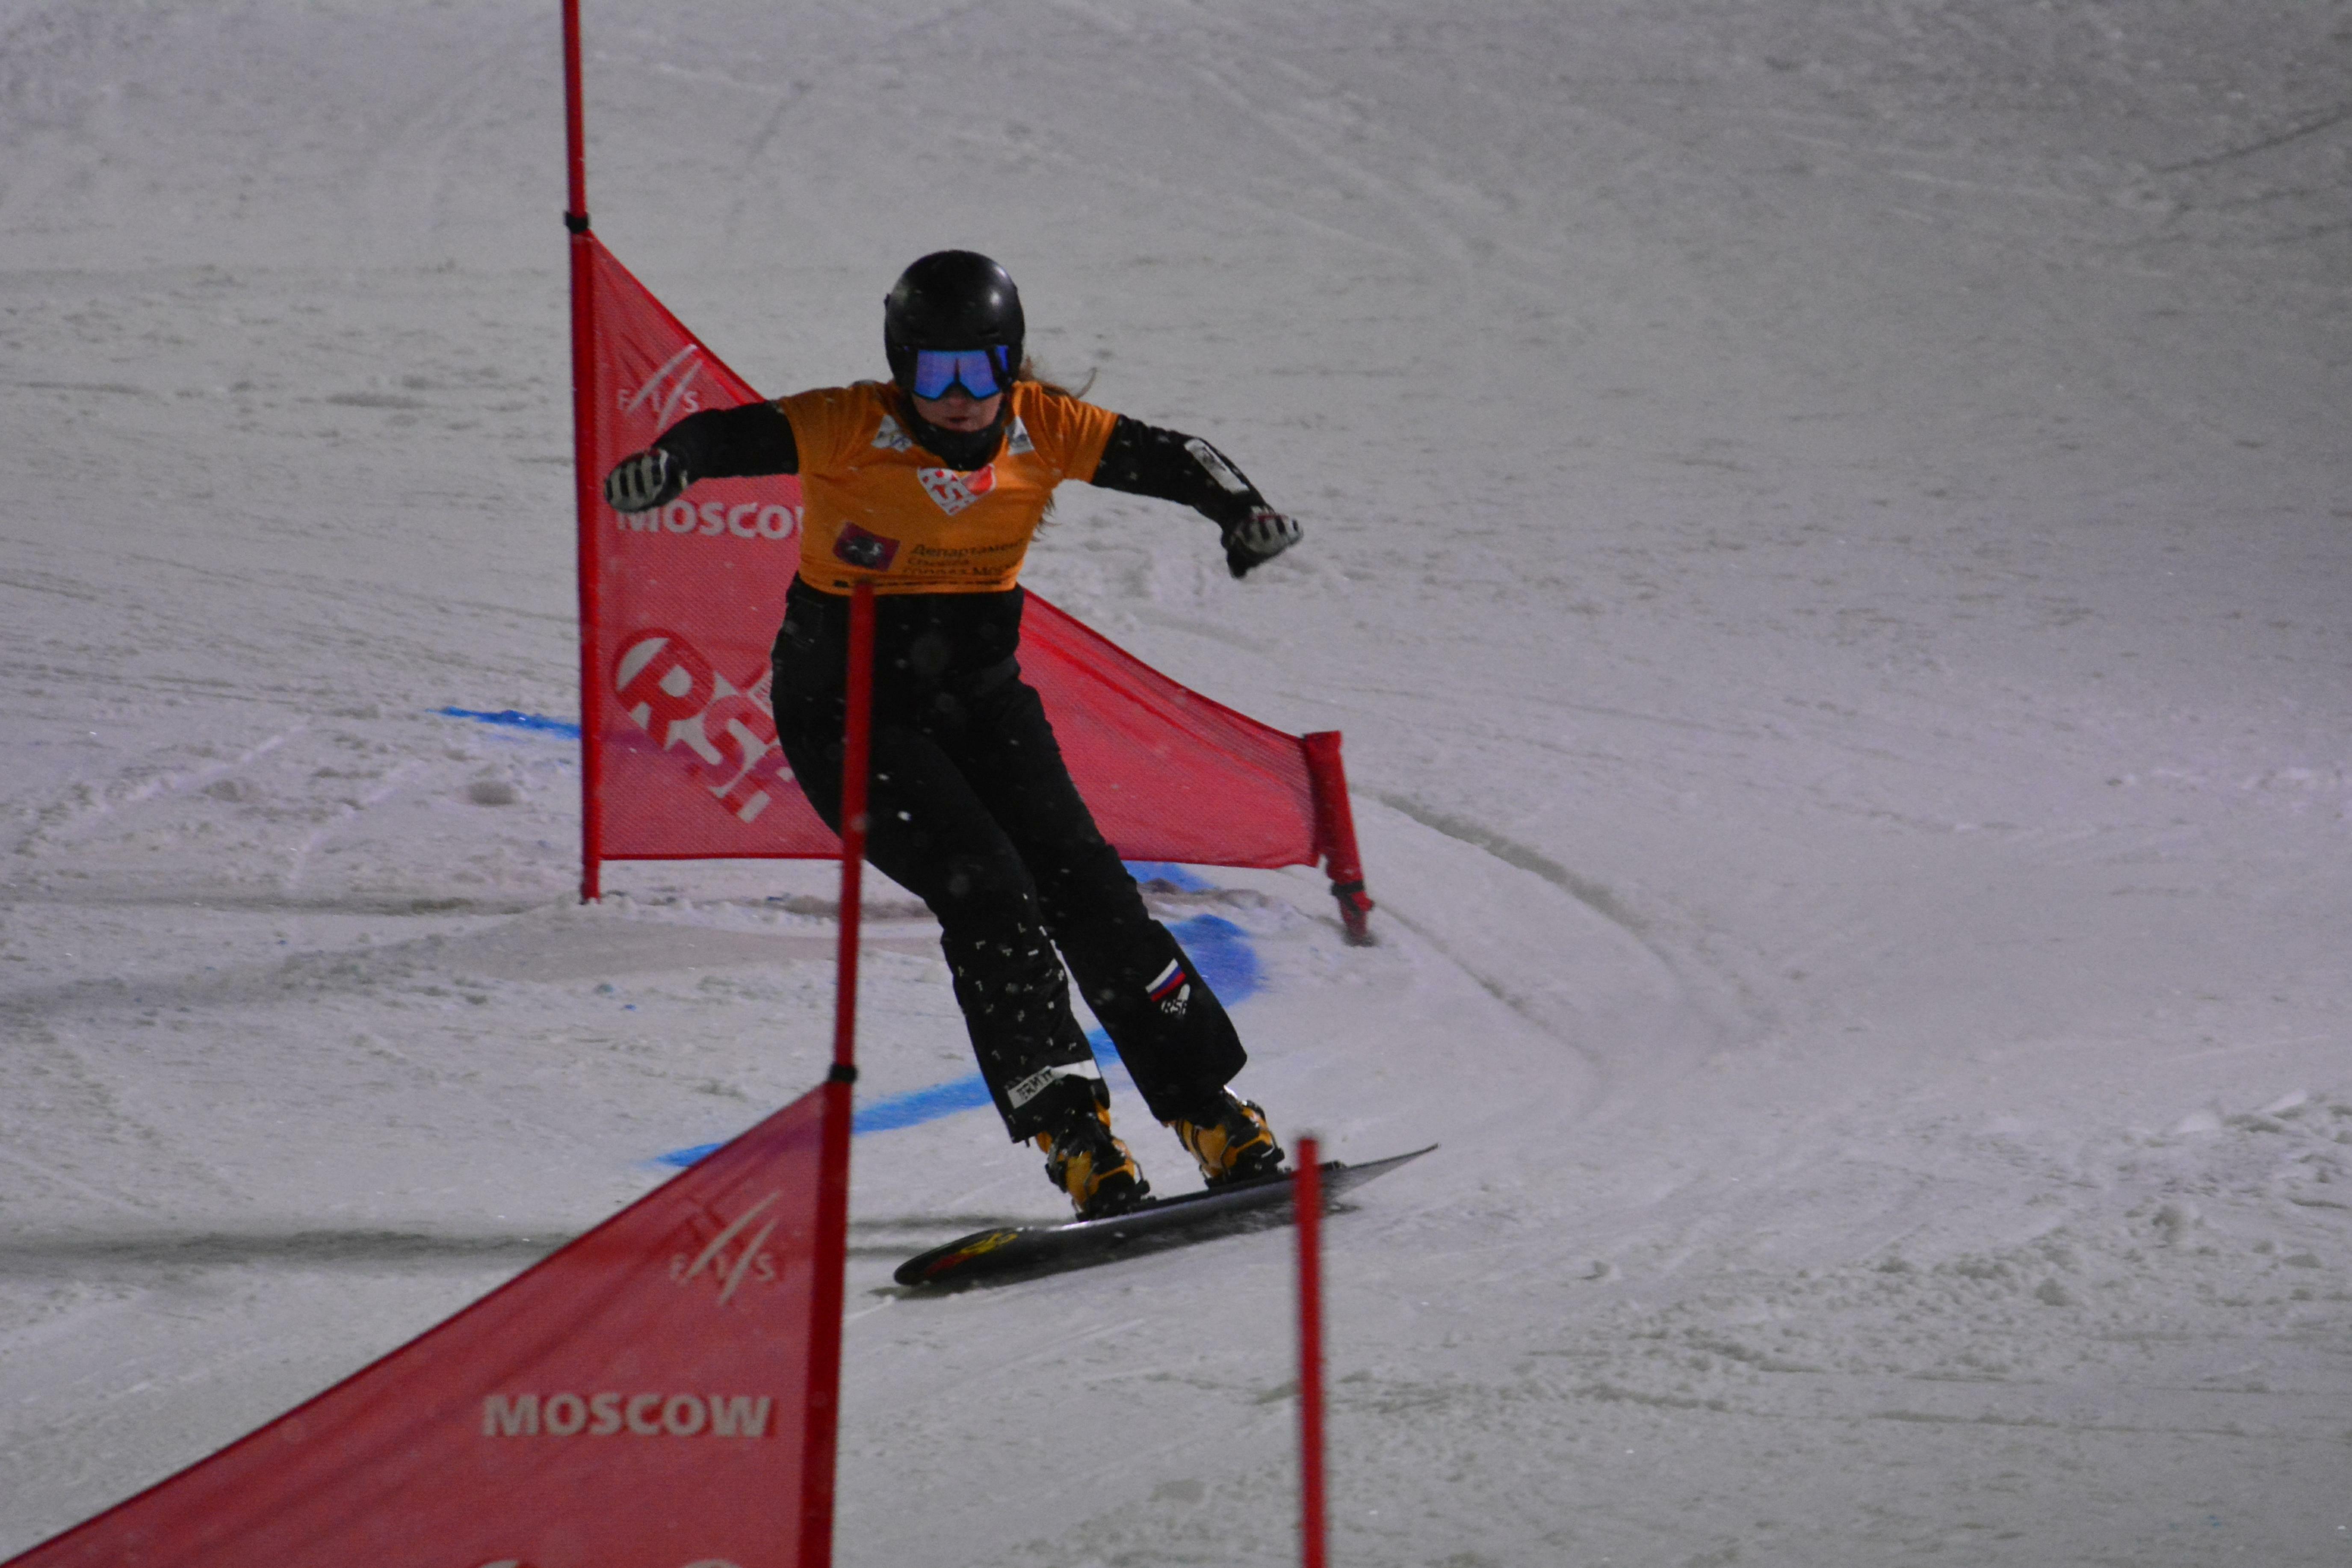 Российский сноубордист Логинов стал трёхкратным чемпионом мира